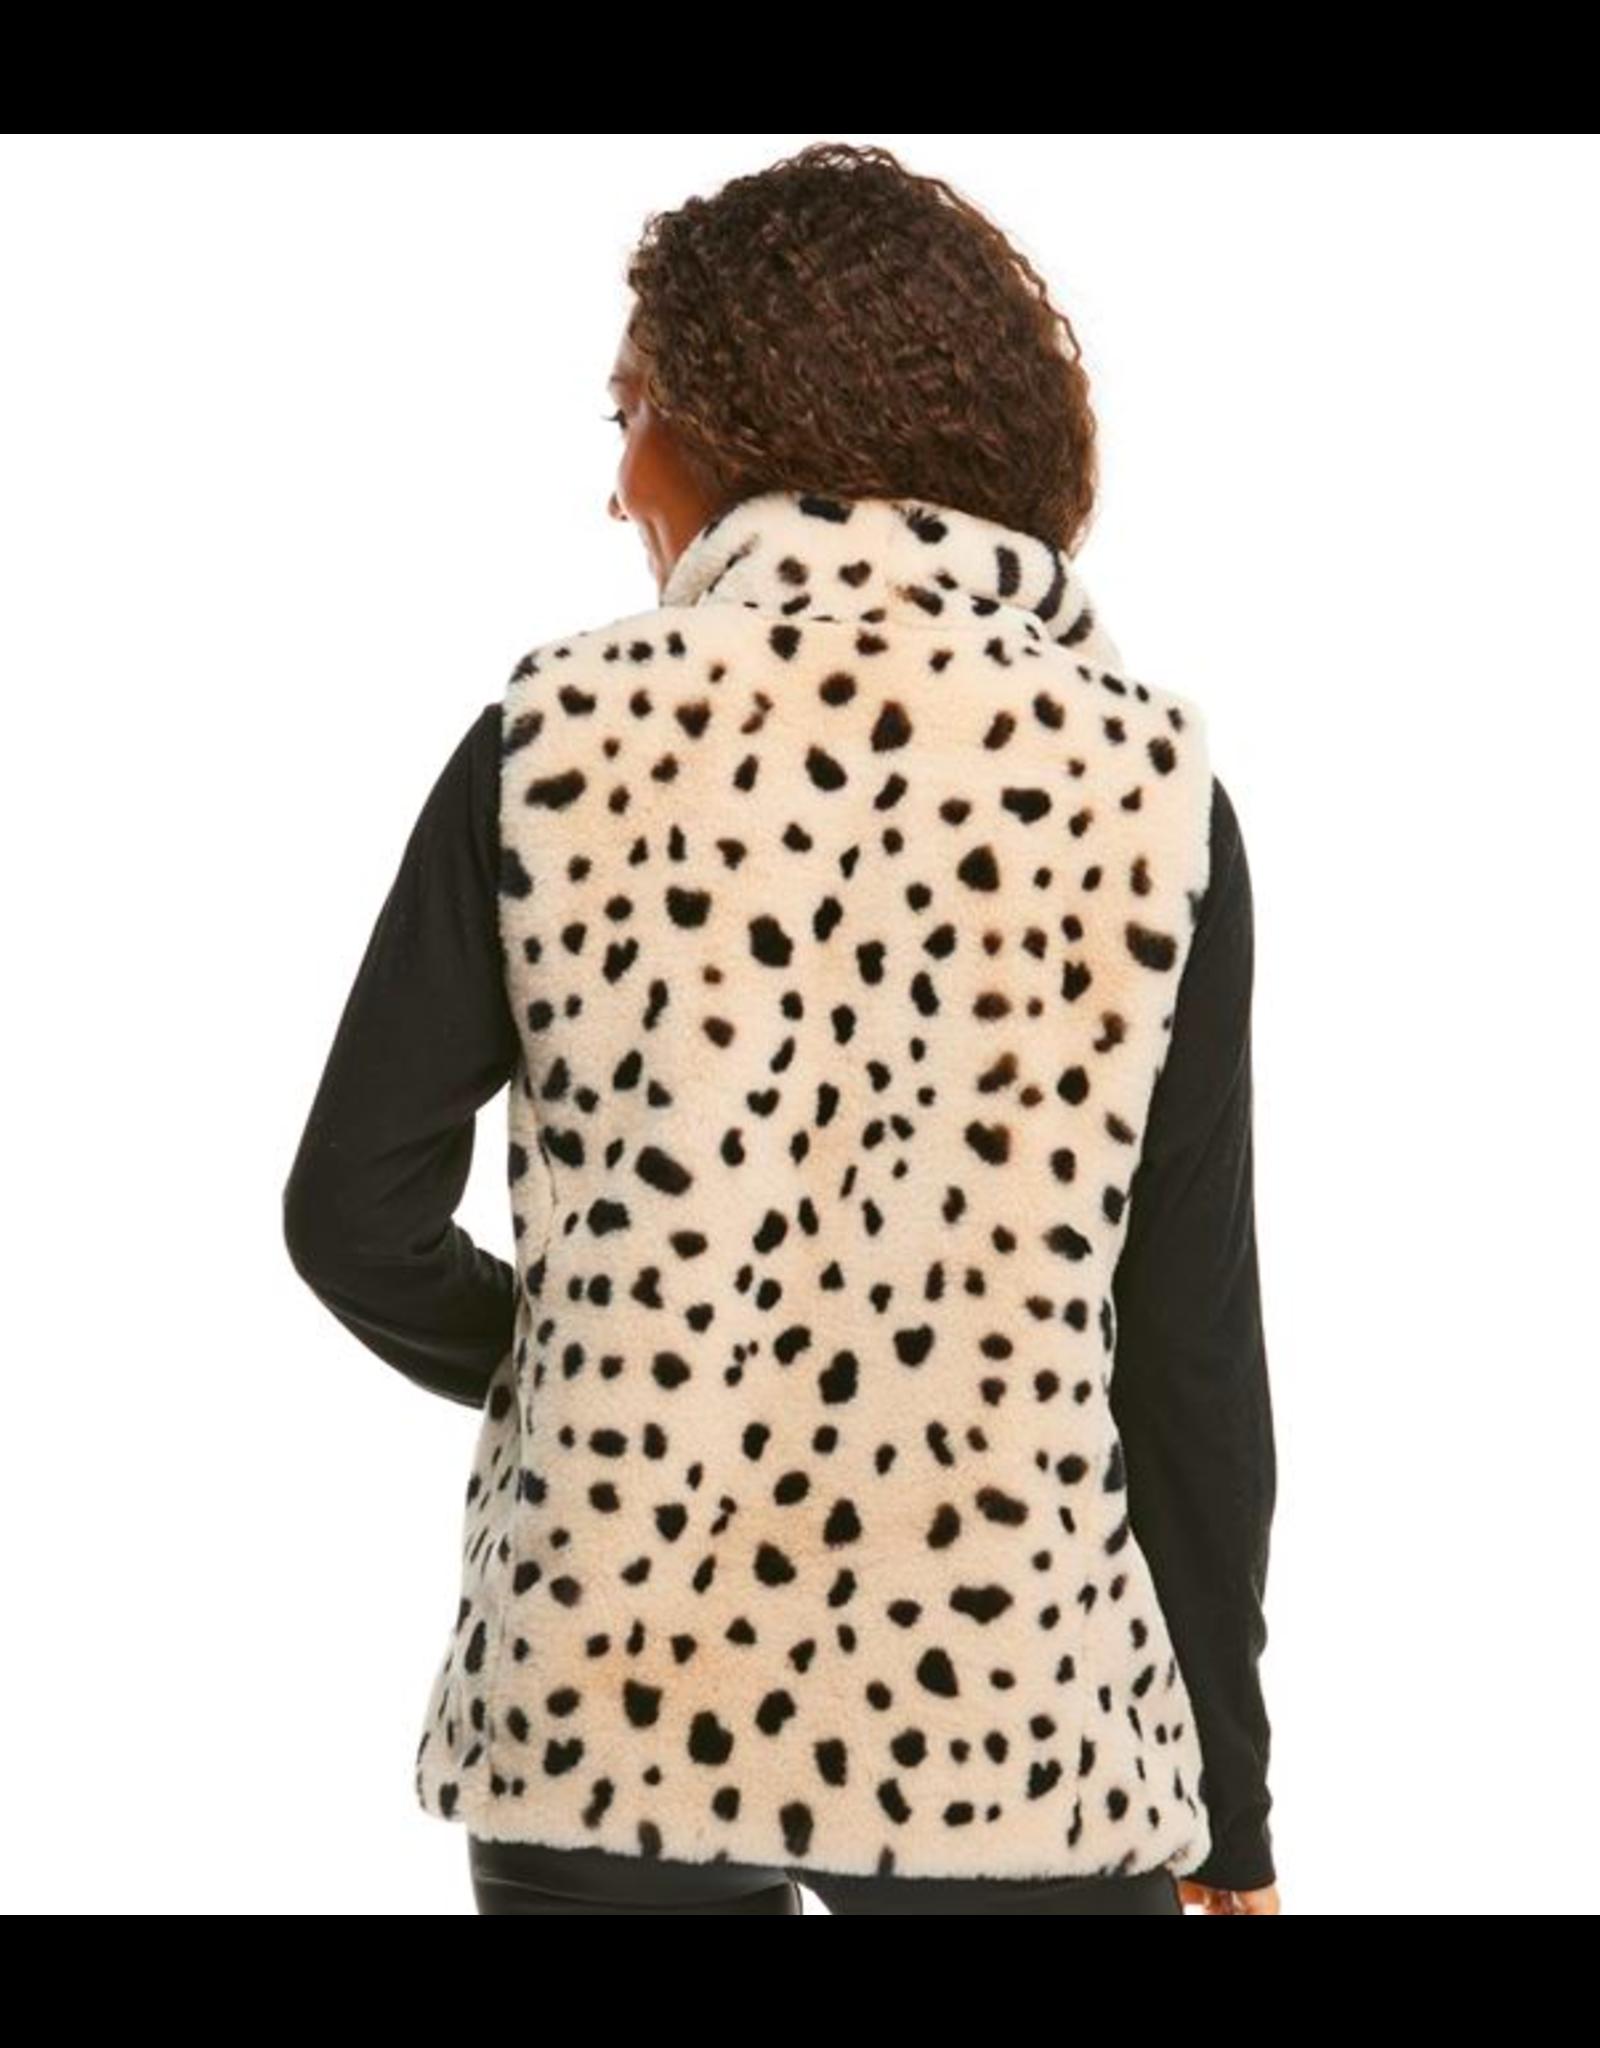 Donna Salyers Fabulous Furs Wild Cheetah Faux Fur BFF Vest Size Large